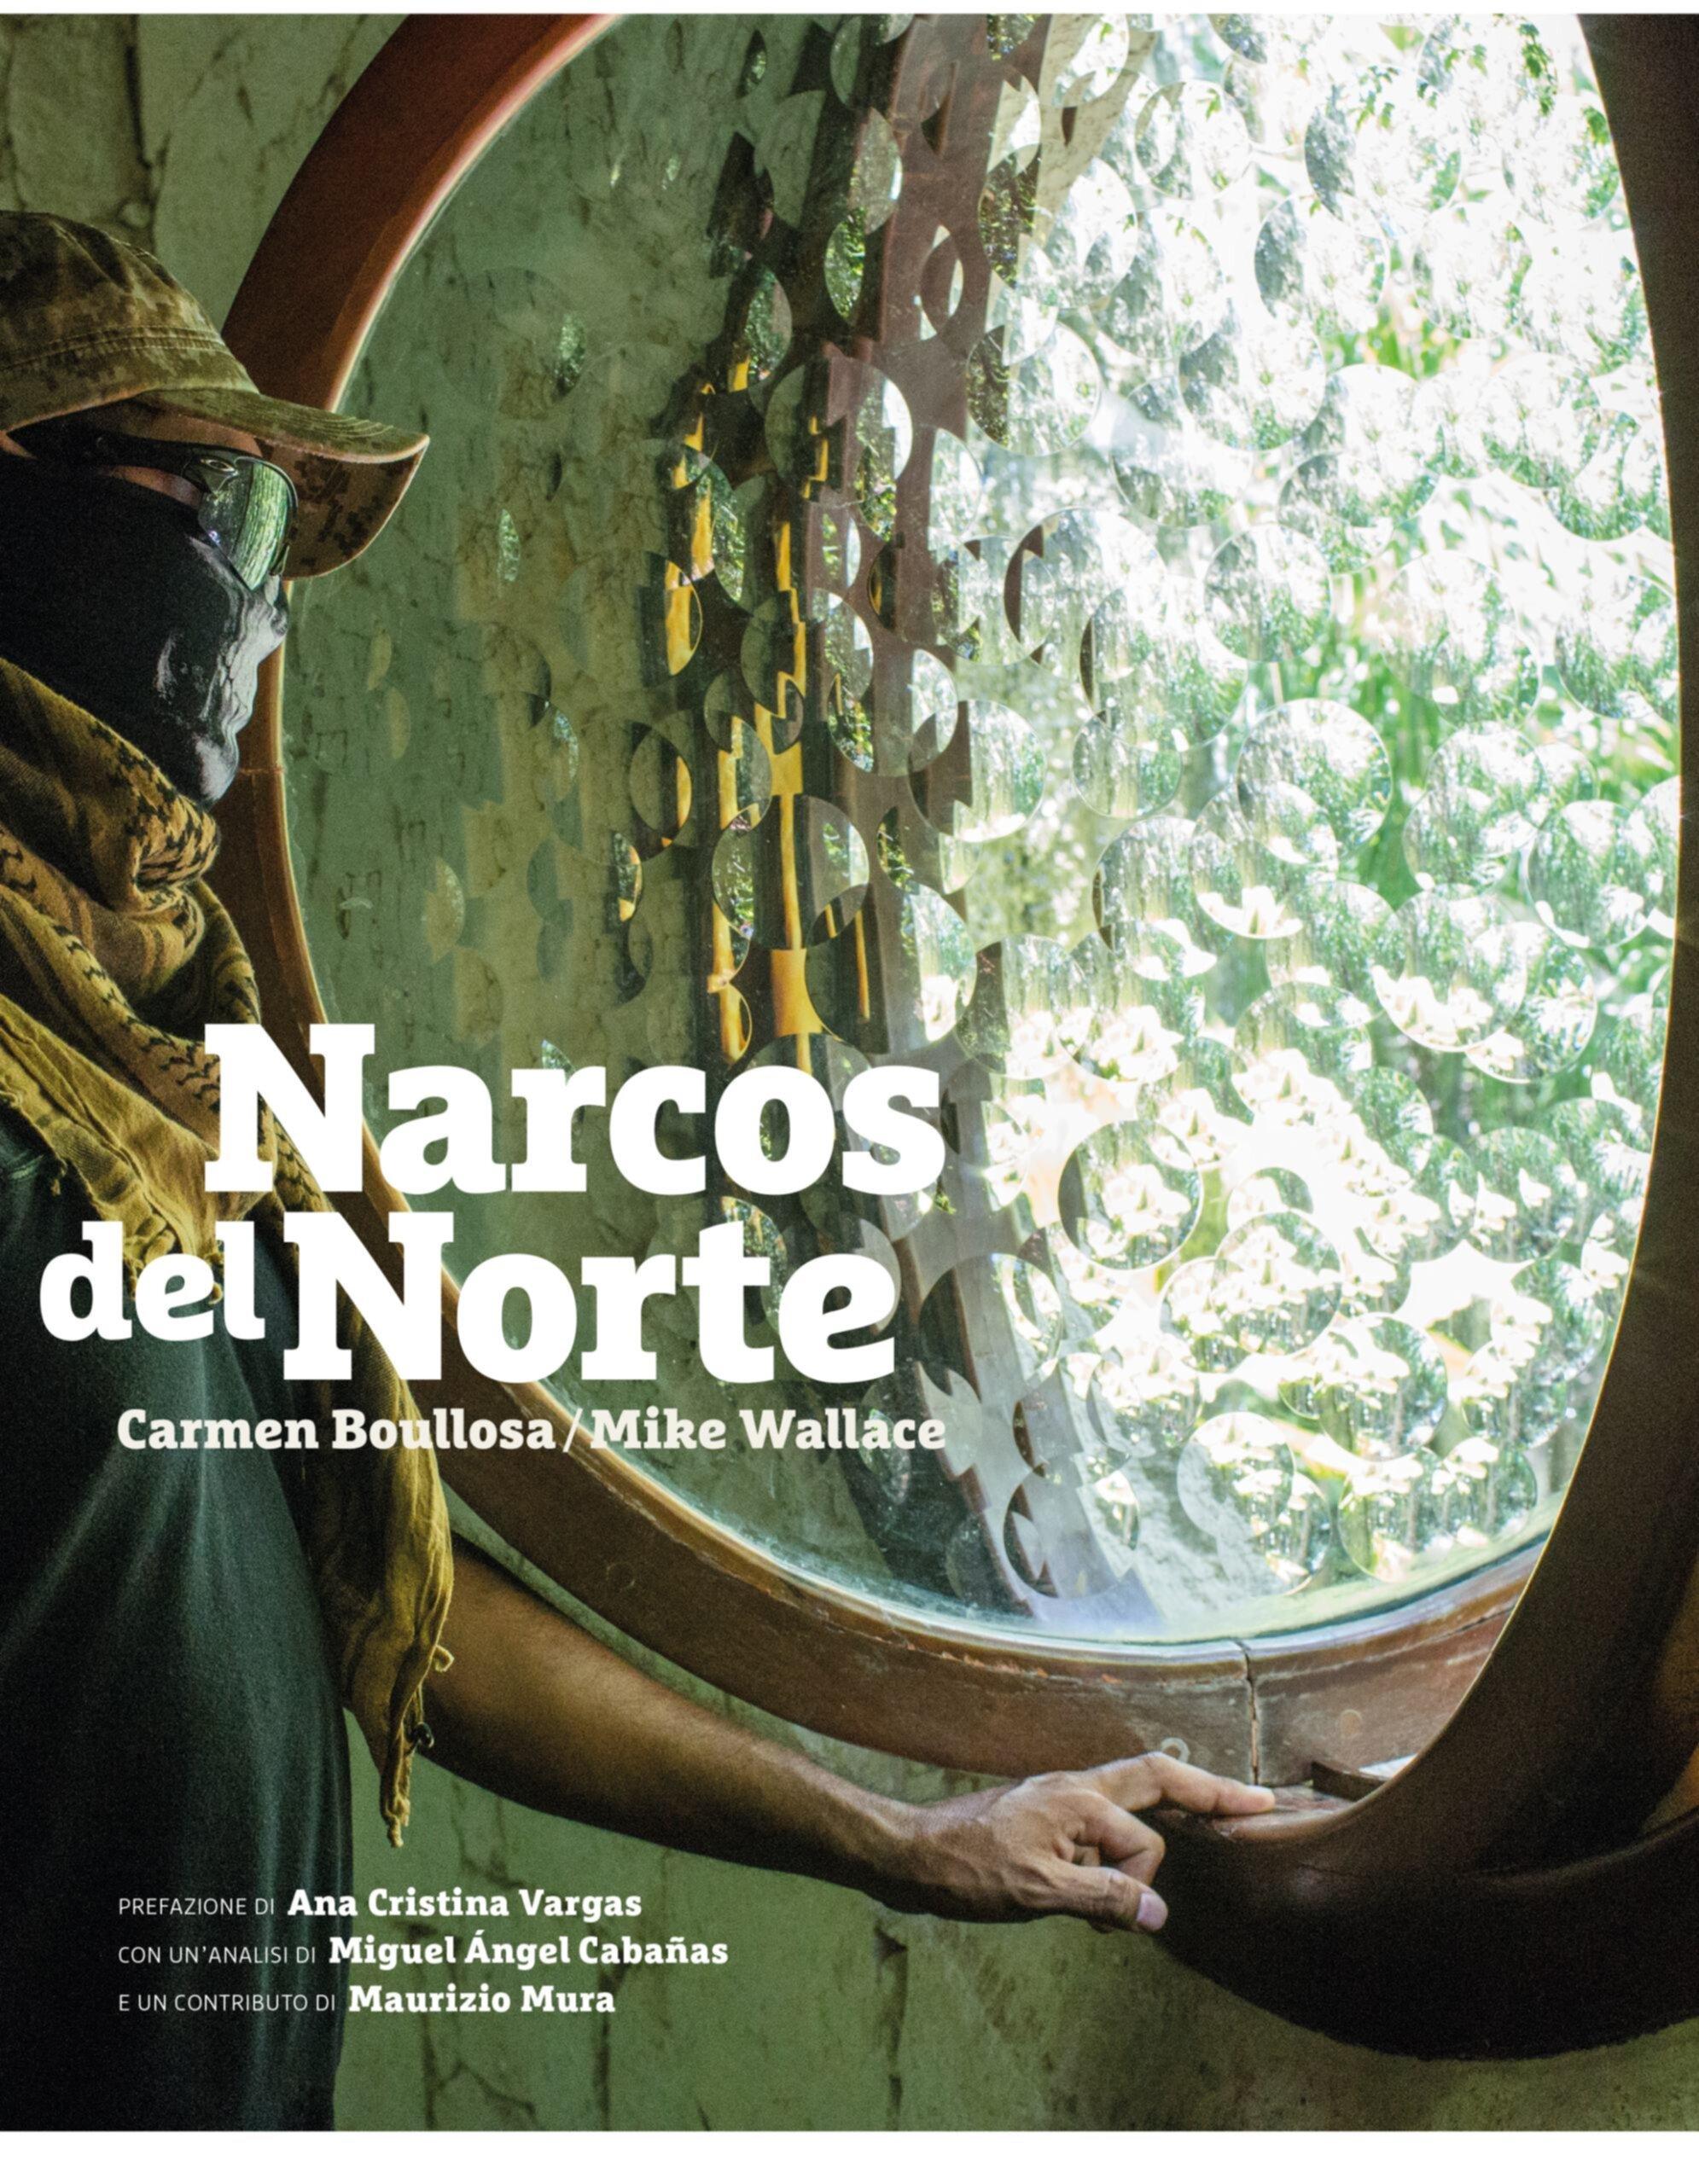 Narcos del Norte